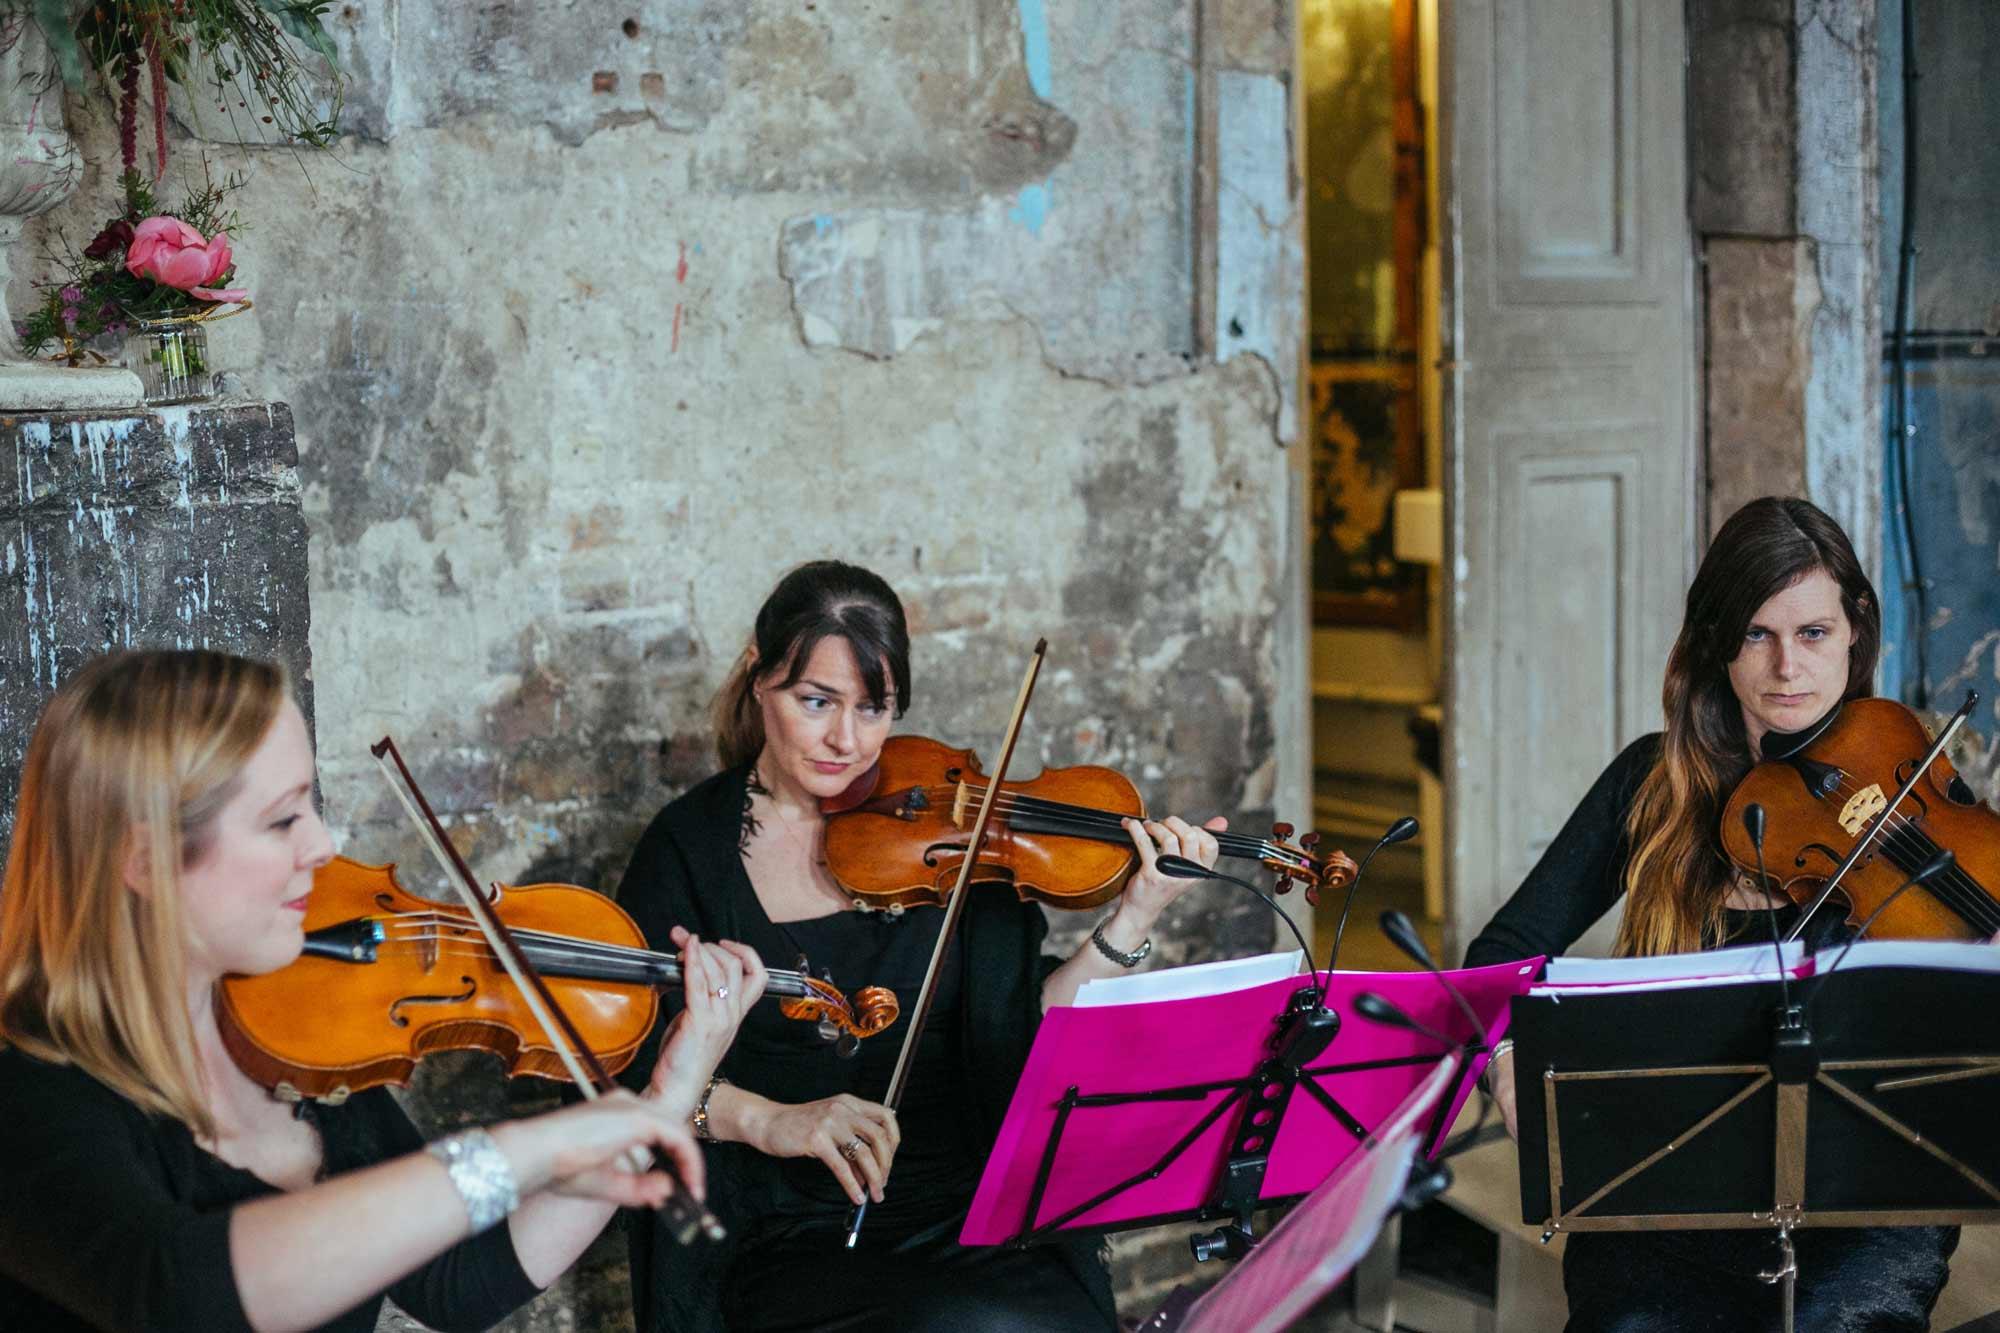 Titanium String Quartet London - Wedding | Corporate Event